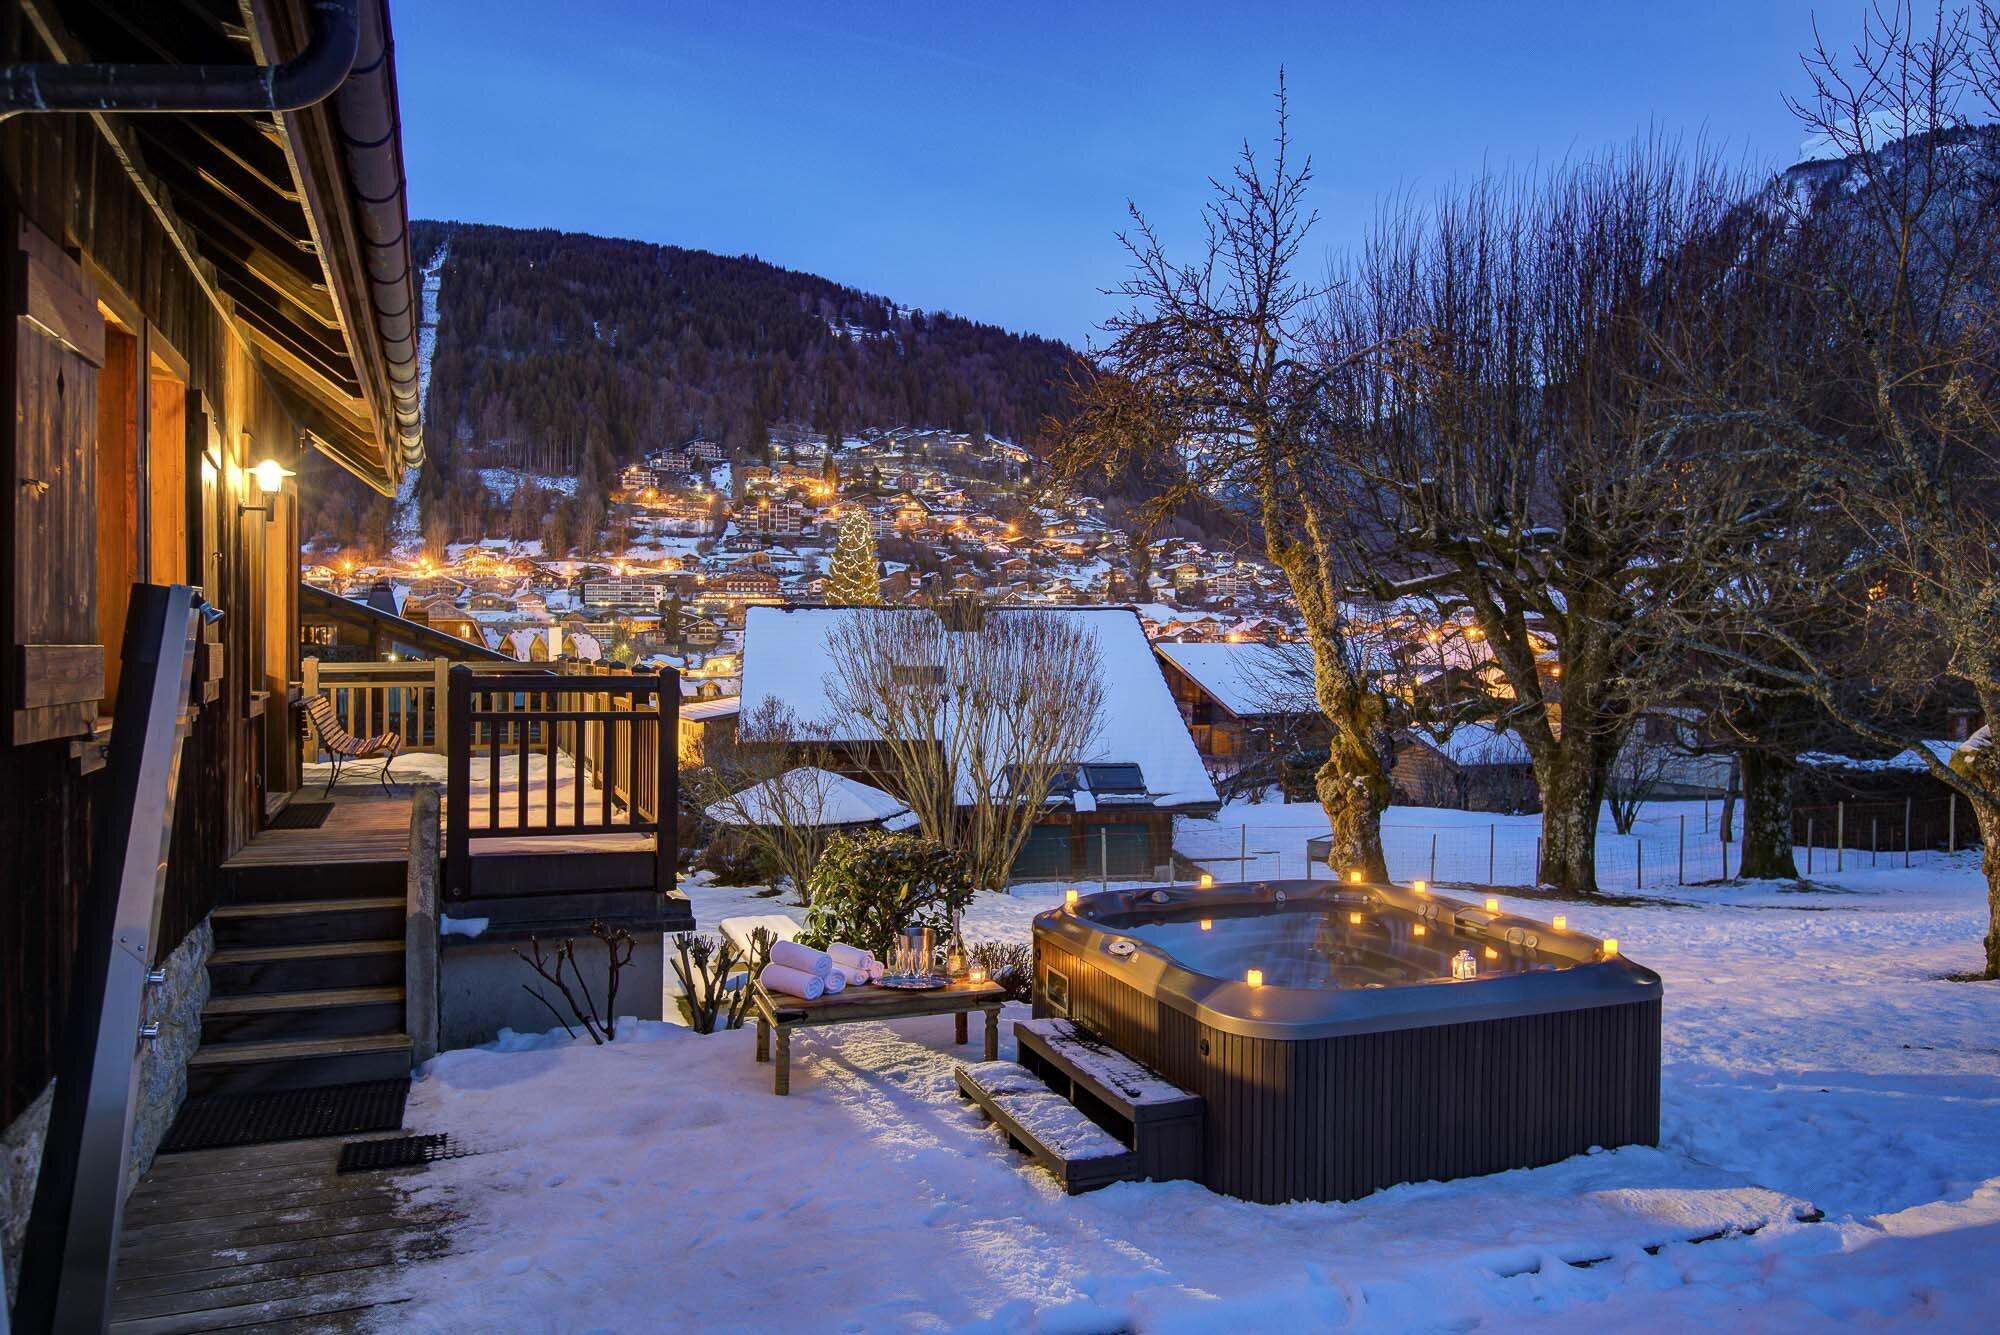 tg-ski-chalet-du-bois-morzine-020.jpg